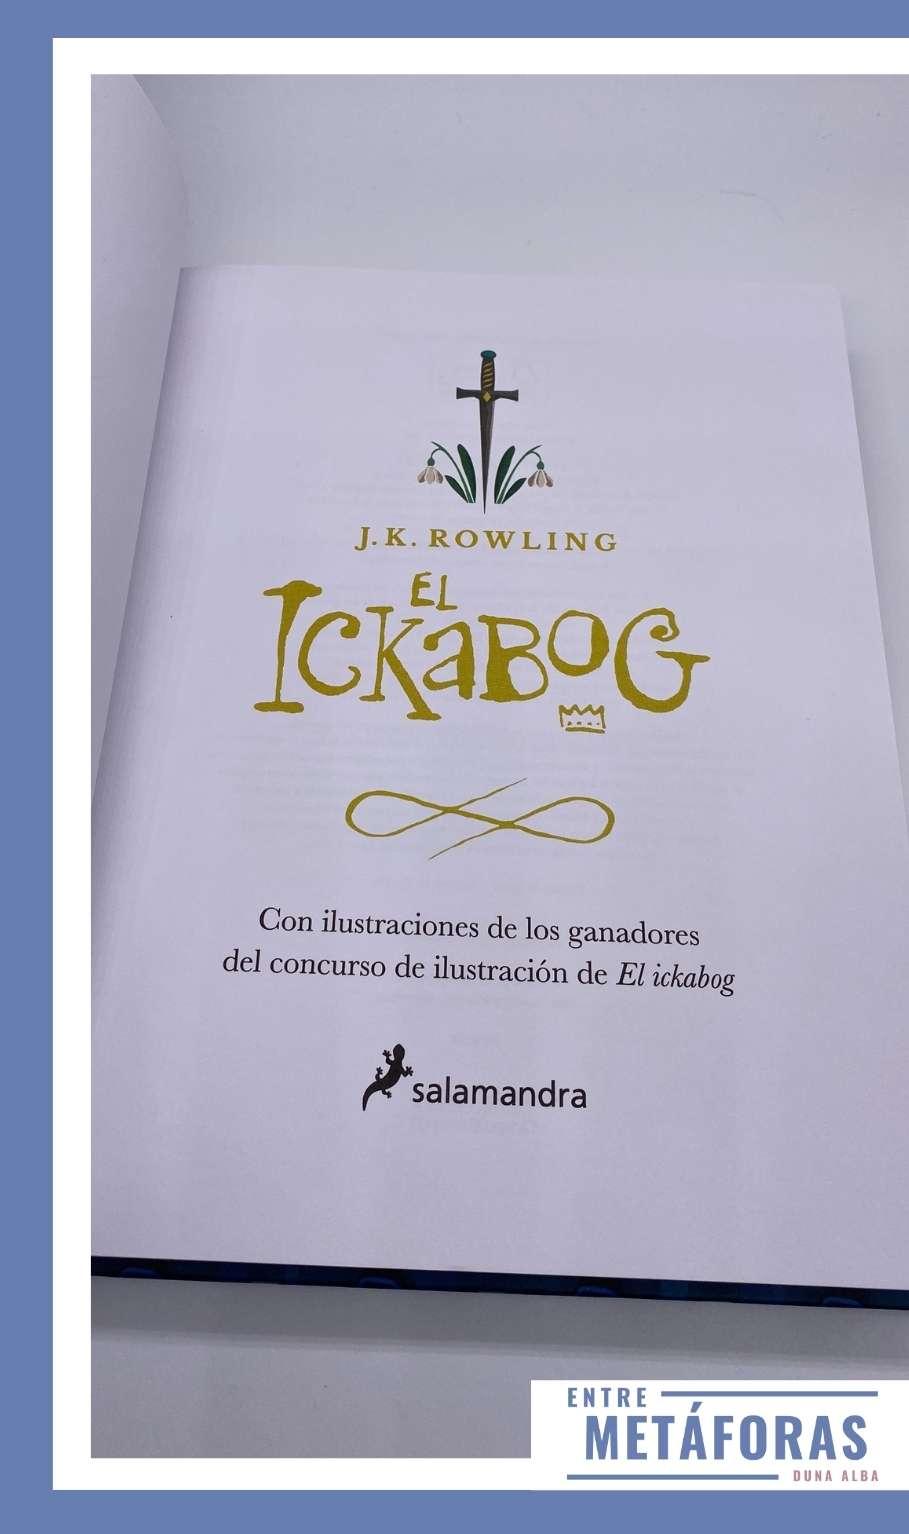 El Ickabog, de J.K. Rowling